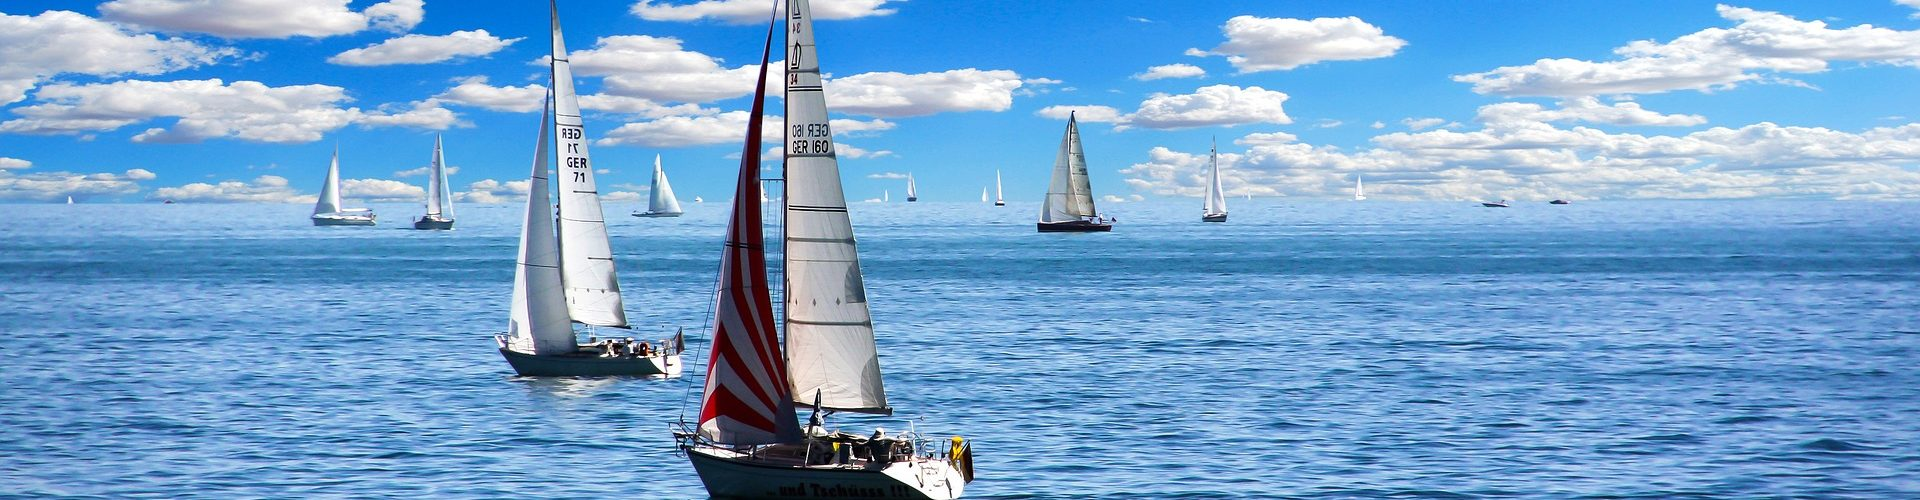 segeln lernen in Rohr in Niederbayern segelschein machen in Rohr in Niederbayern 1920x500 - Segeln lernen in Rohr in Niederbayern